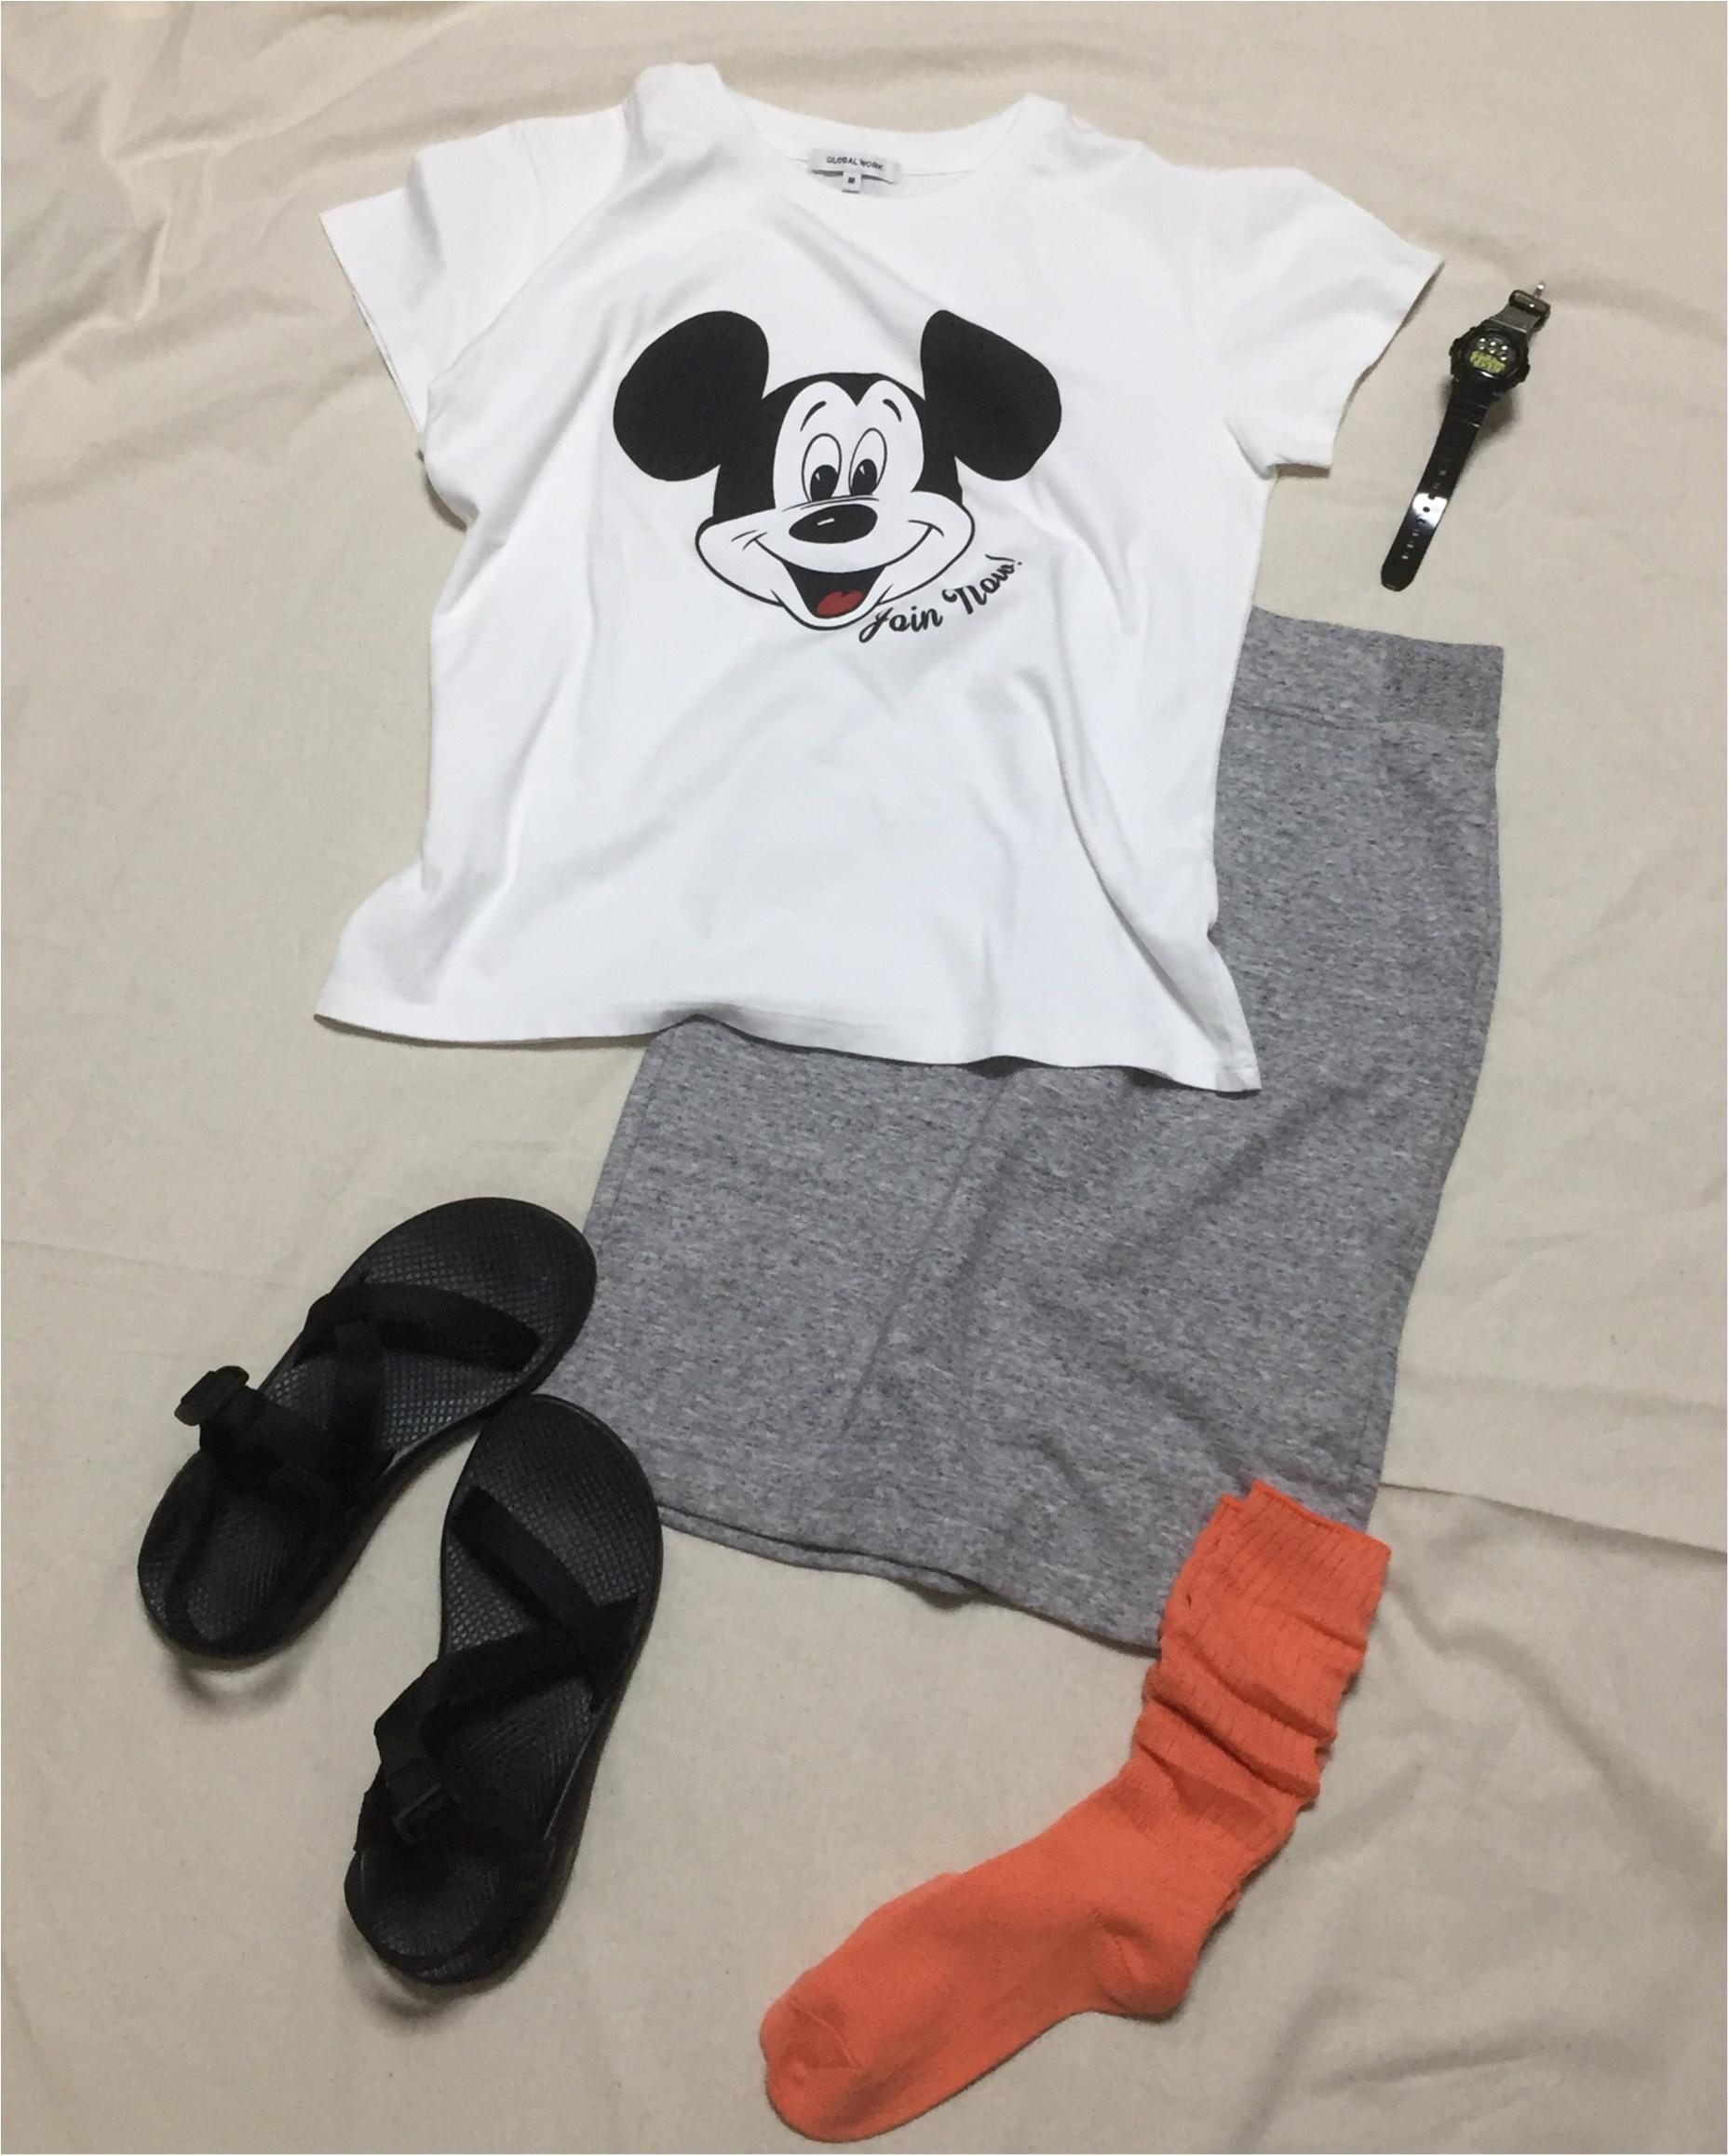 【GLOBAL WORK】念願のミッキーTシャツをGET!スポーツmixコーデ_1